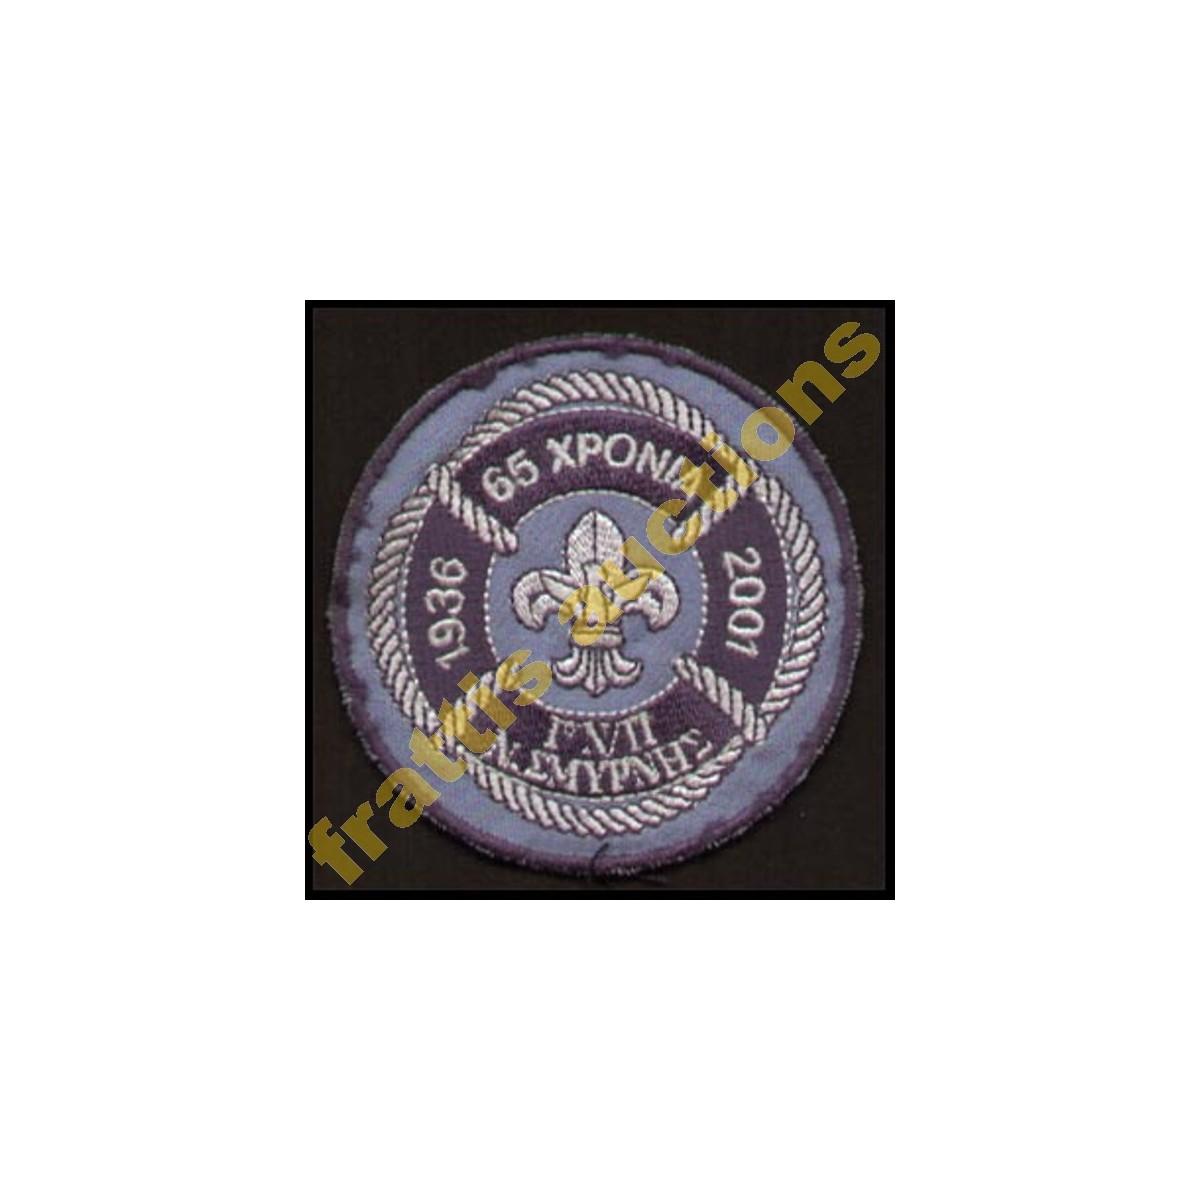 65 χρόνια 1ο Ν/Π Ν. Σμύρνης, αναμνηστικό σήμα.